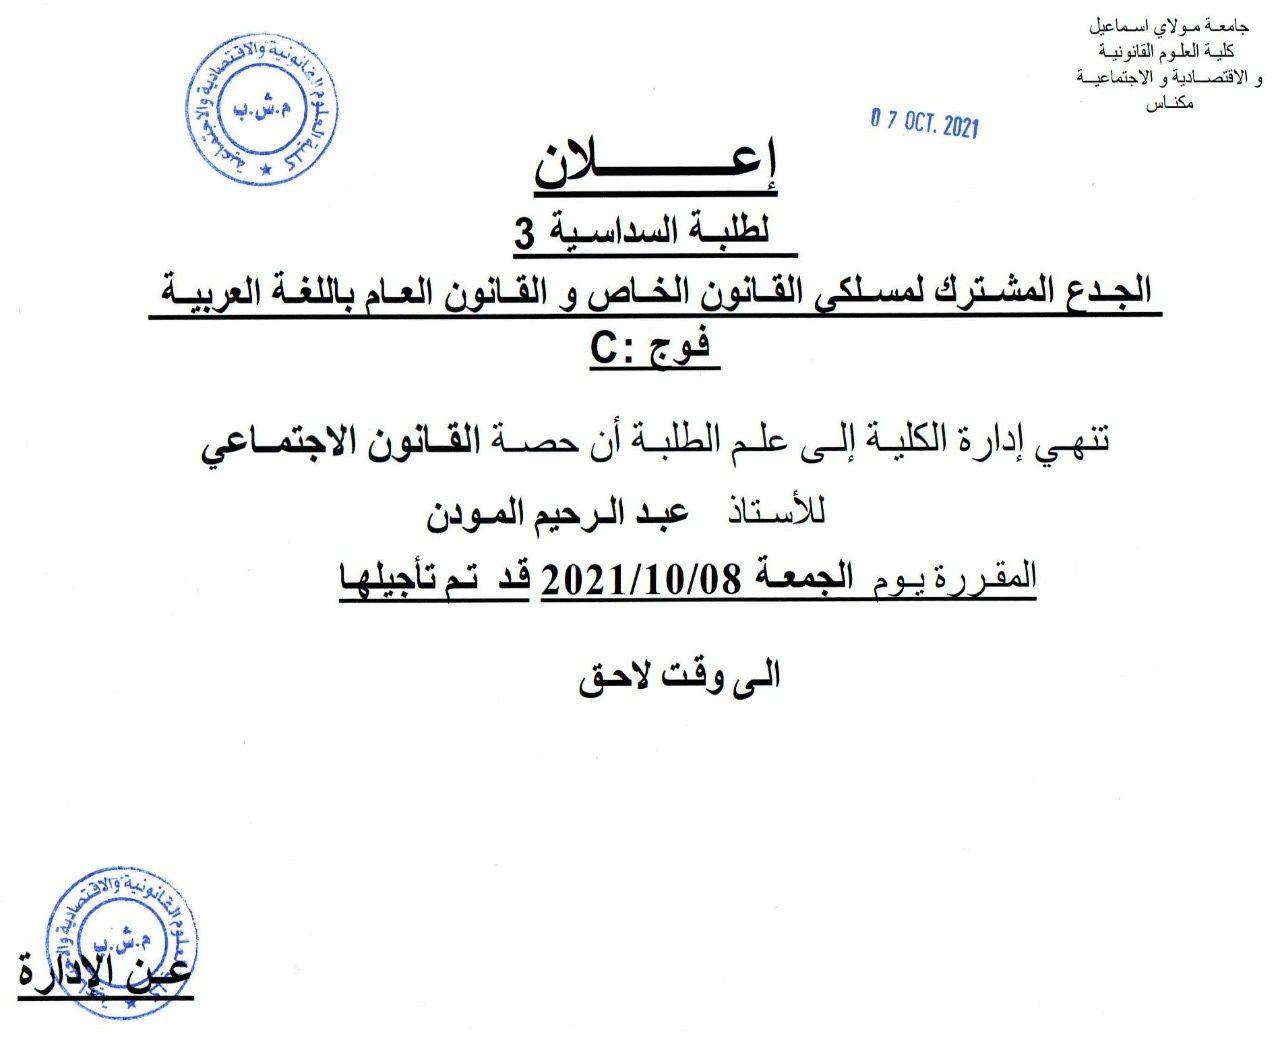 C :  إعلان لطلبة السداسية الثالثة : قانون باللغة العربية فوج